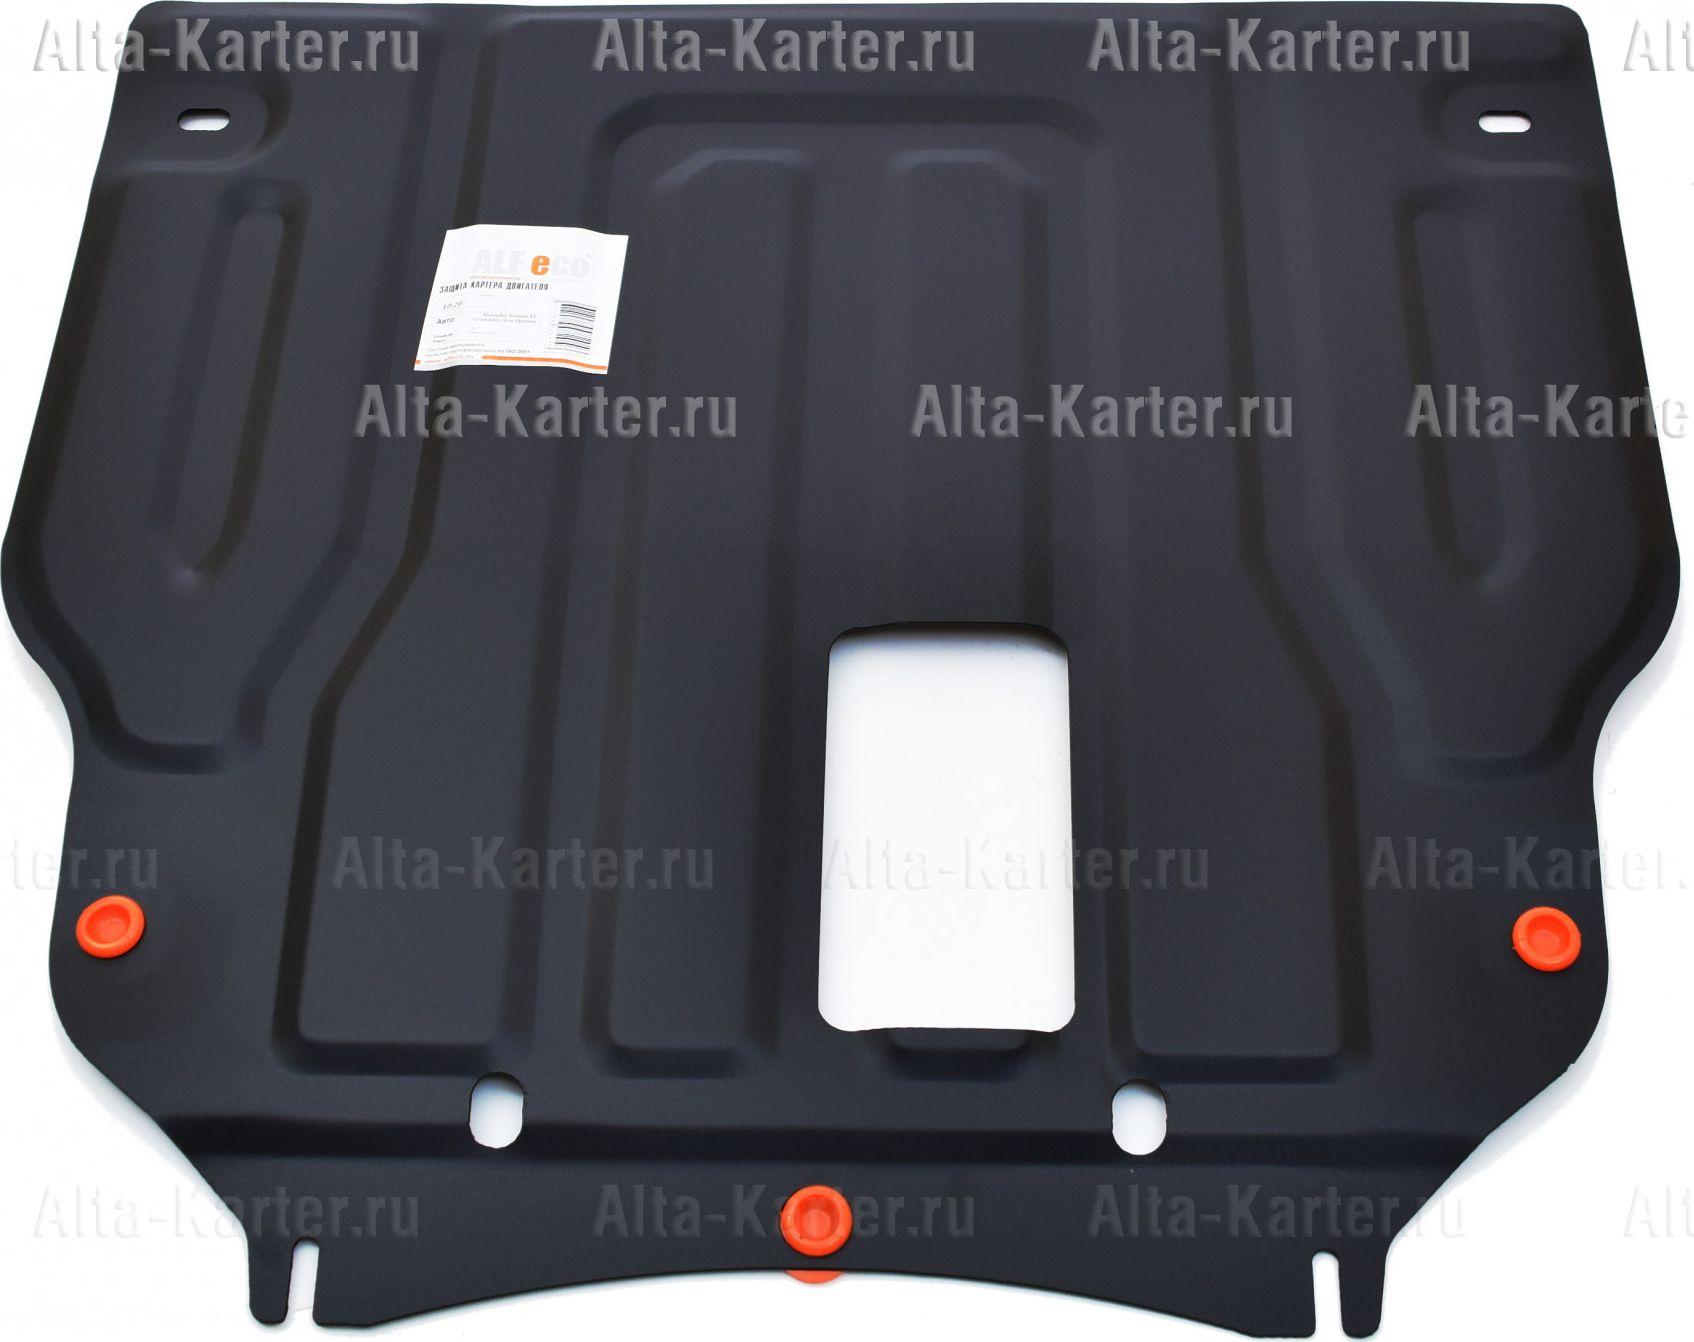 Защита Alfeco для картера и КПП Kia Optima III 2012-2015. Артикул ALF.10.20 st